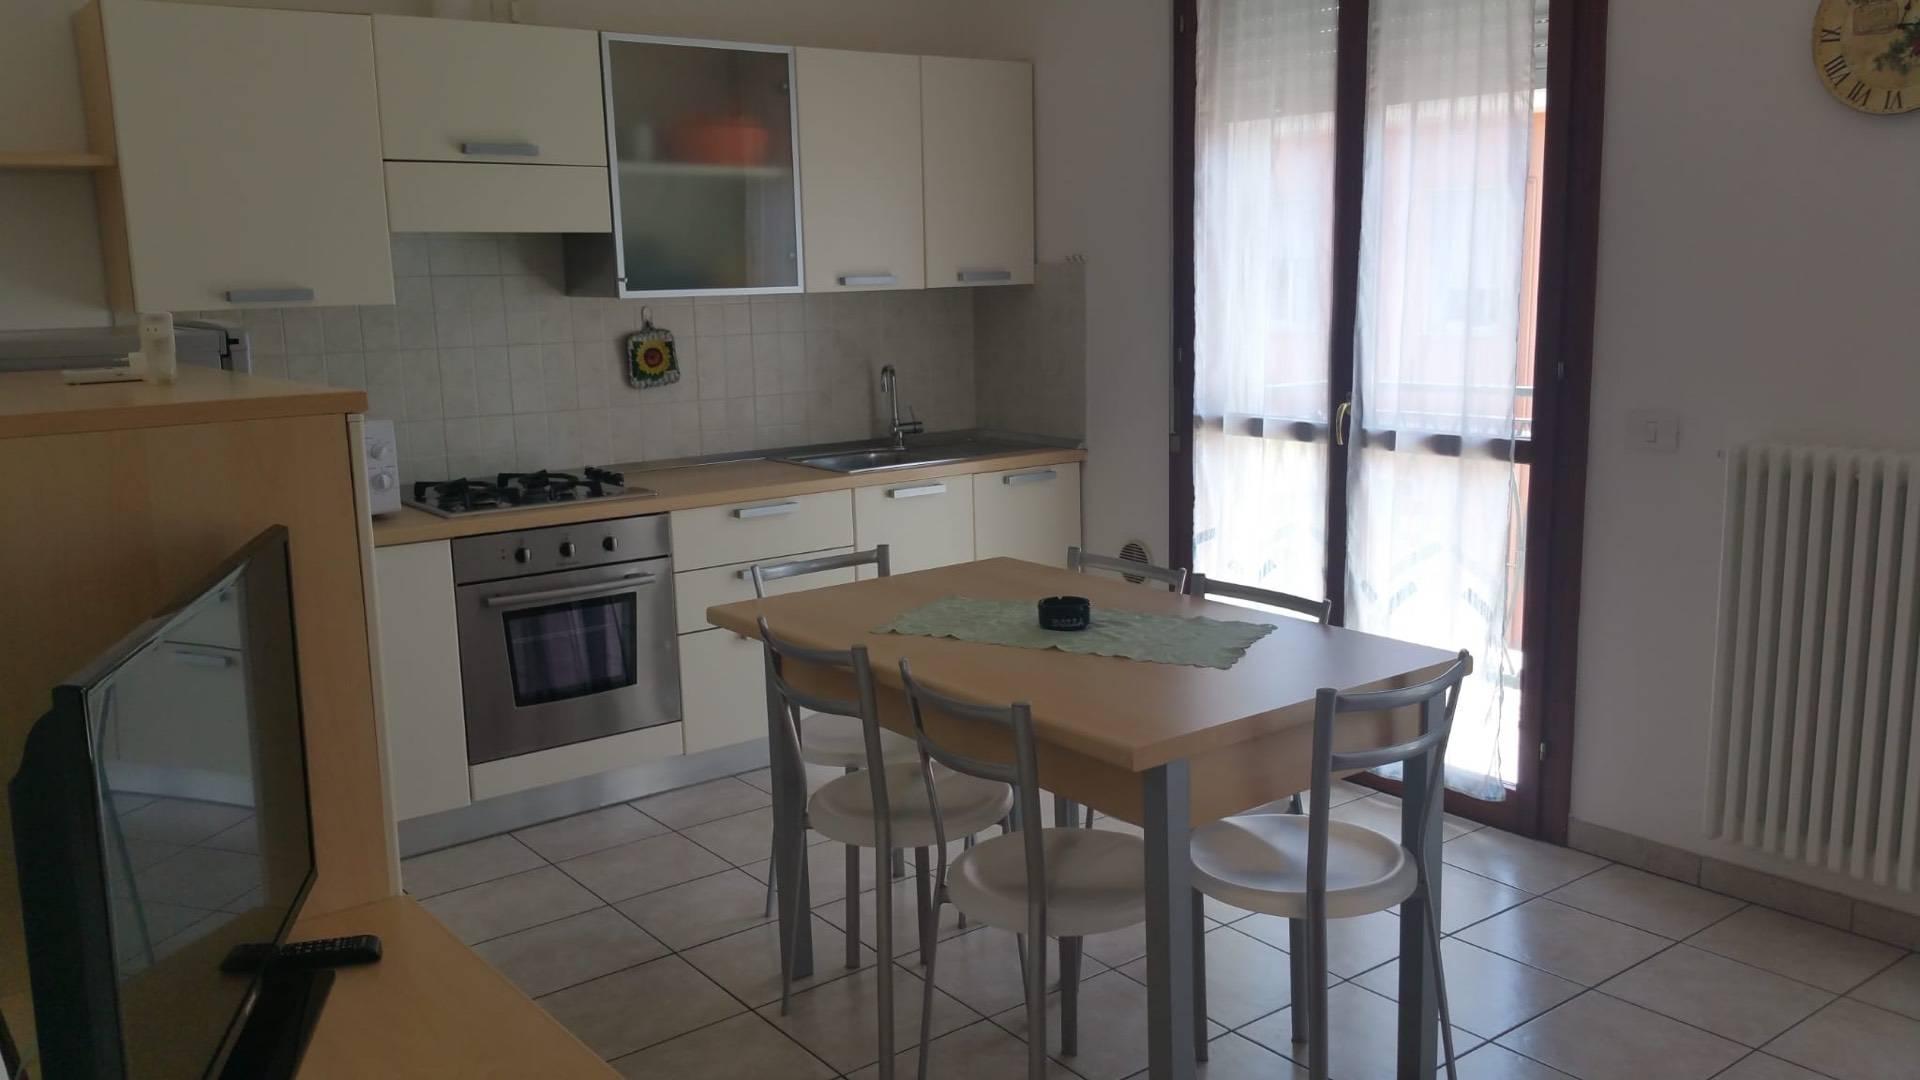 Appartamento in affitto a Bellaria Igea Marina, 3 locali, zona Località: IgeaMarina, prezzo € 550 | CambioCasa.it